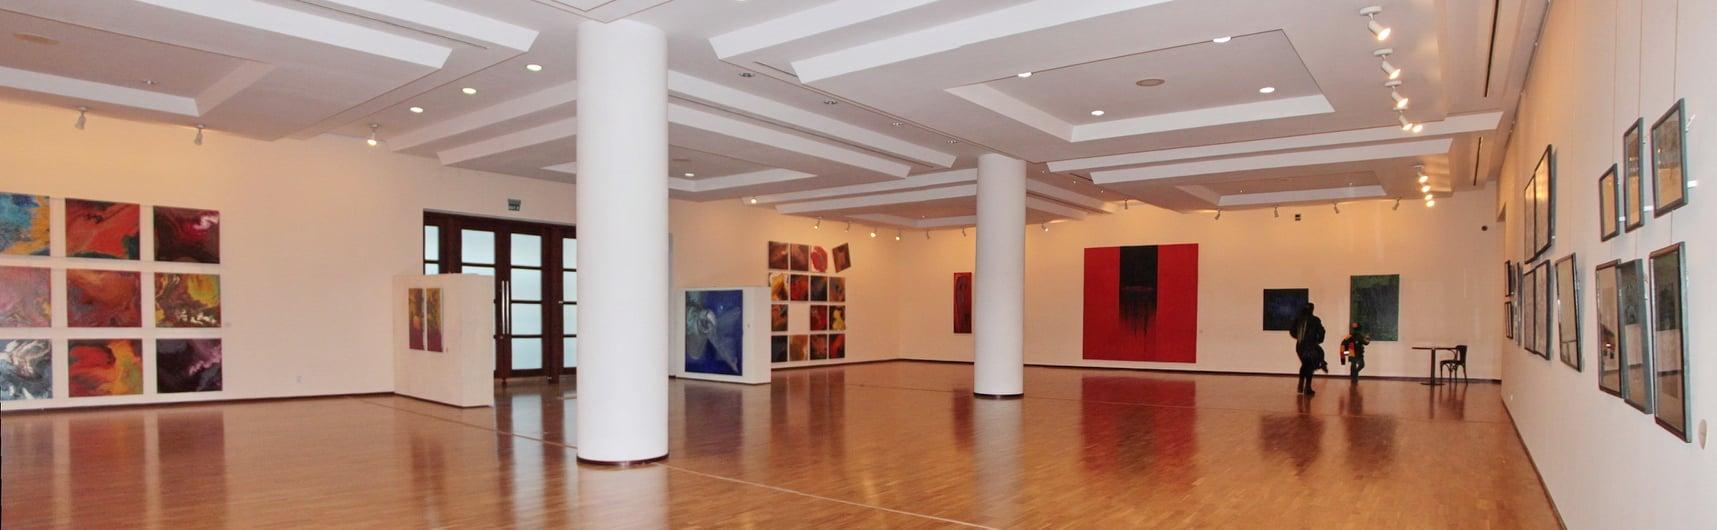 Экспозиционный зал 1